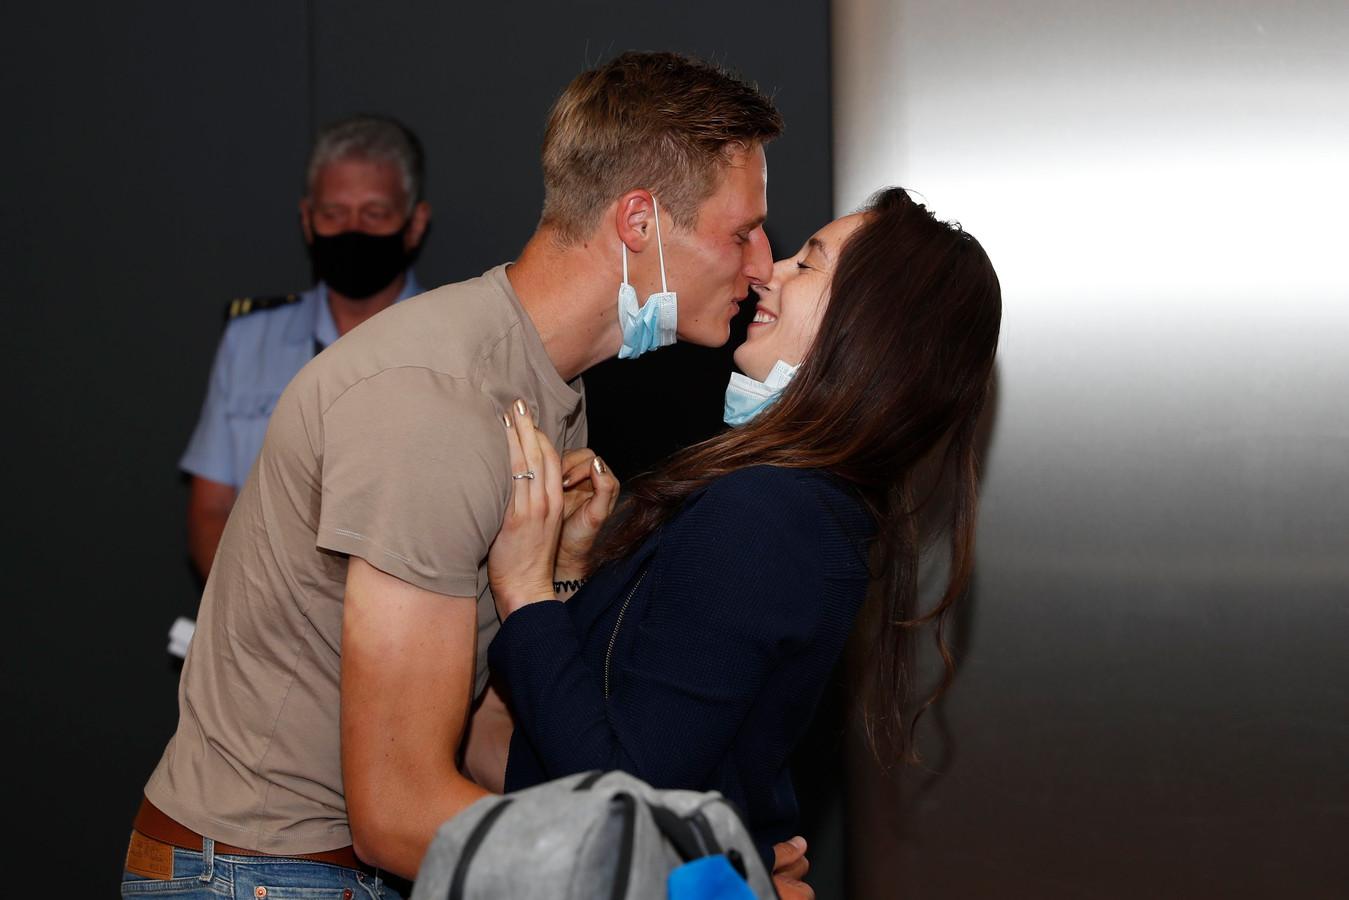 Een kus van vriend en voetballer Siemen Voet, een knuffel van mama en papa: dat is pas thuiskomen, ook al ben je olympisch turnkampioene.